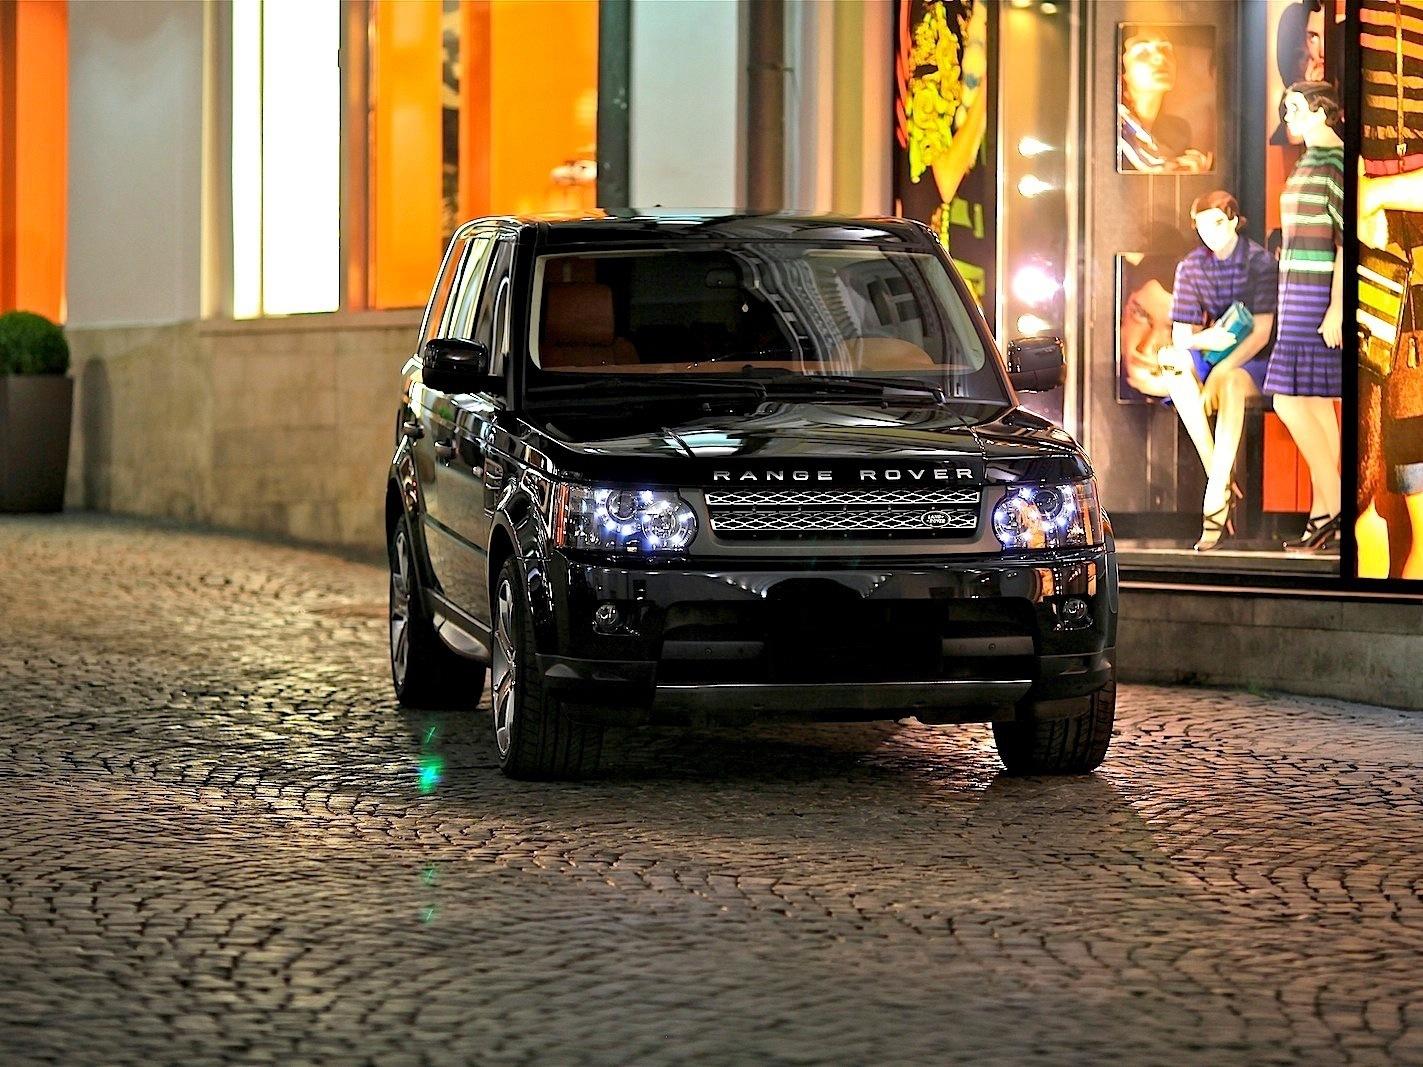 13864 скачать обои Транспорт, Машины, Рендж Ровер (Range Rover) - заставки и картинки бесплатно